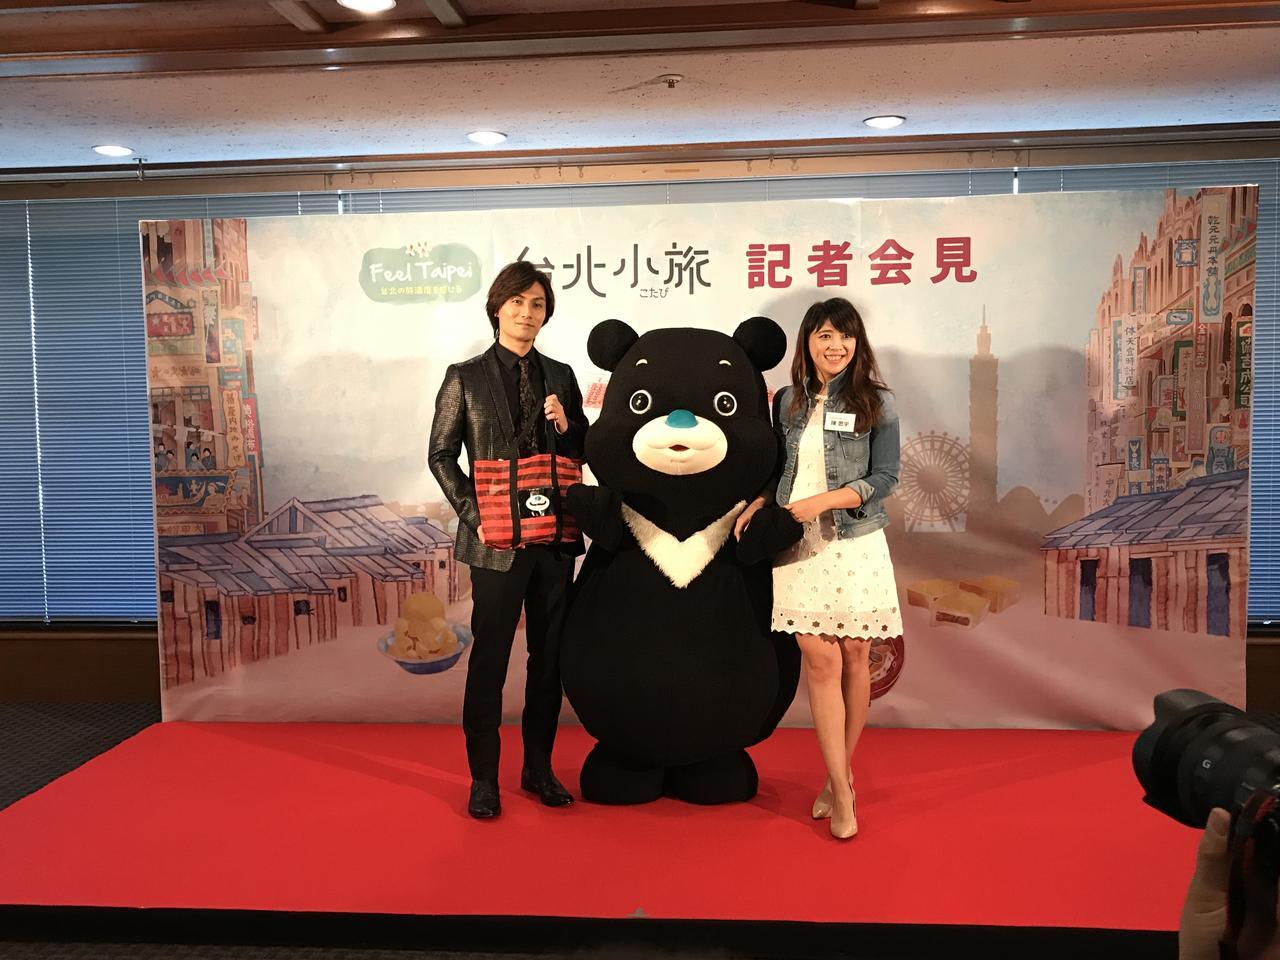 画像: 左から、台北観光大使に就任した加藤和樹氏、熊讚Bravo (ブラボー)、陳思宇(チン シウ)氏。